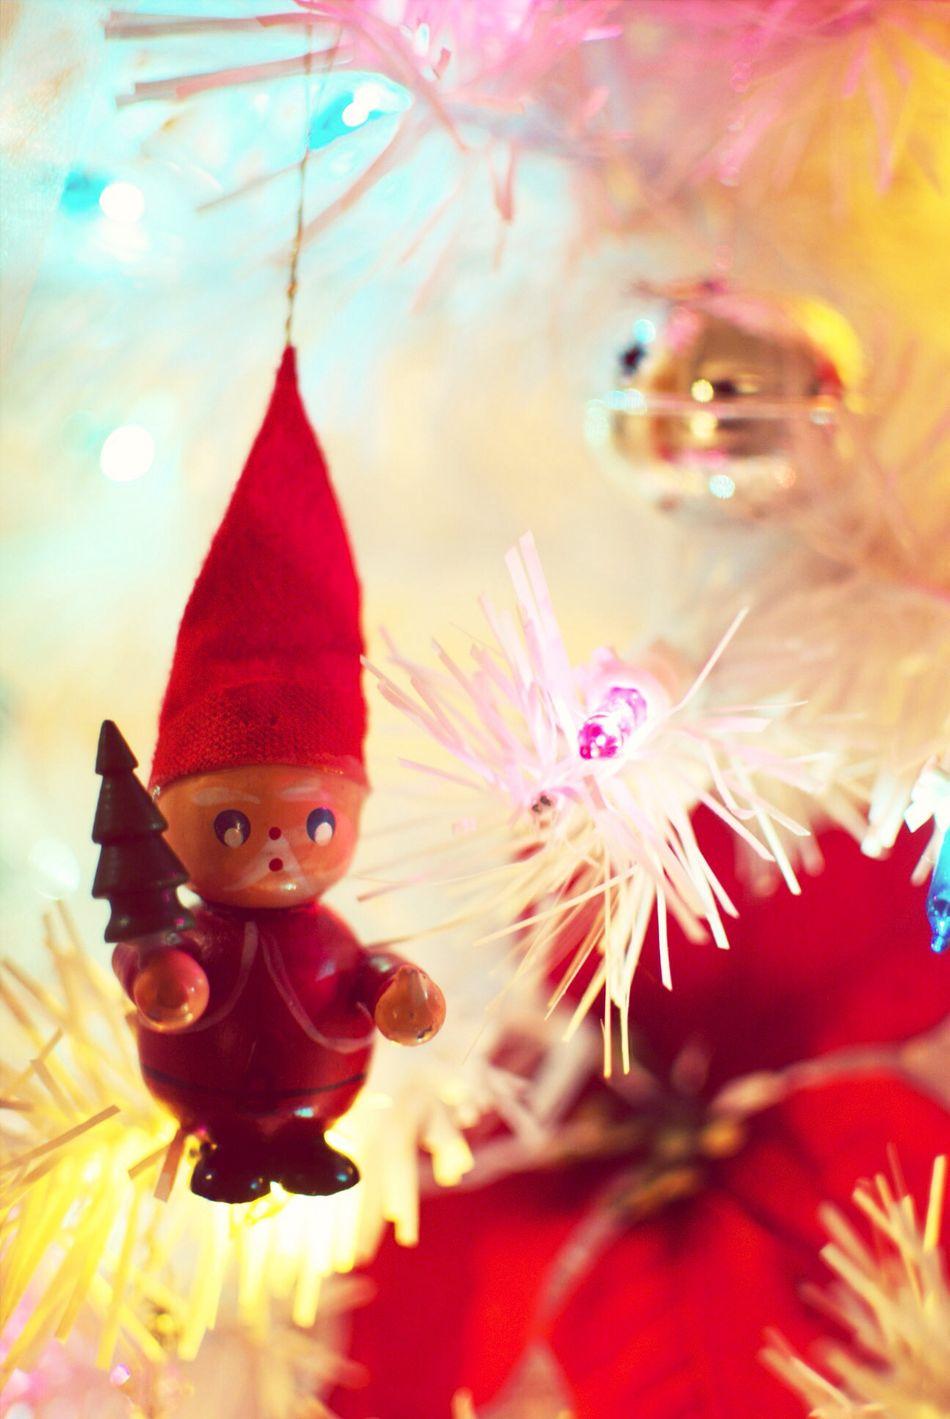 Christmas Tree Festive Season